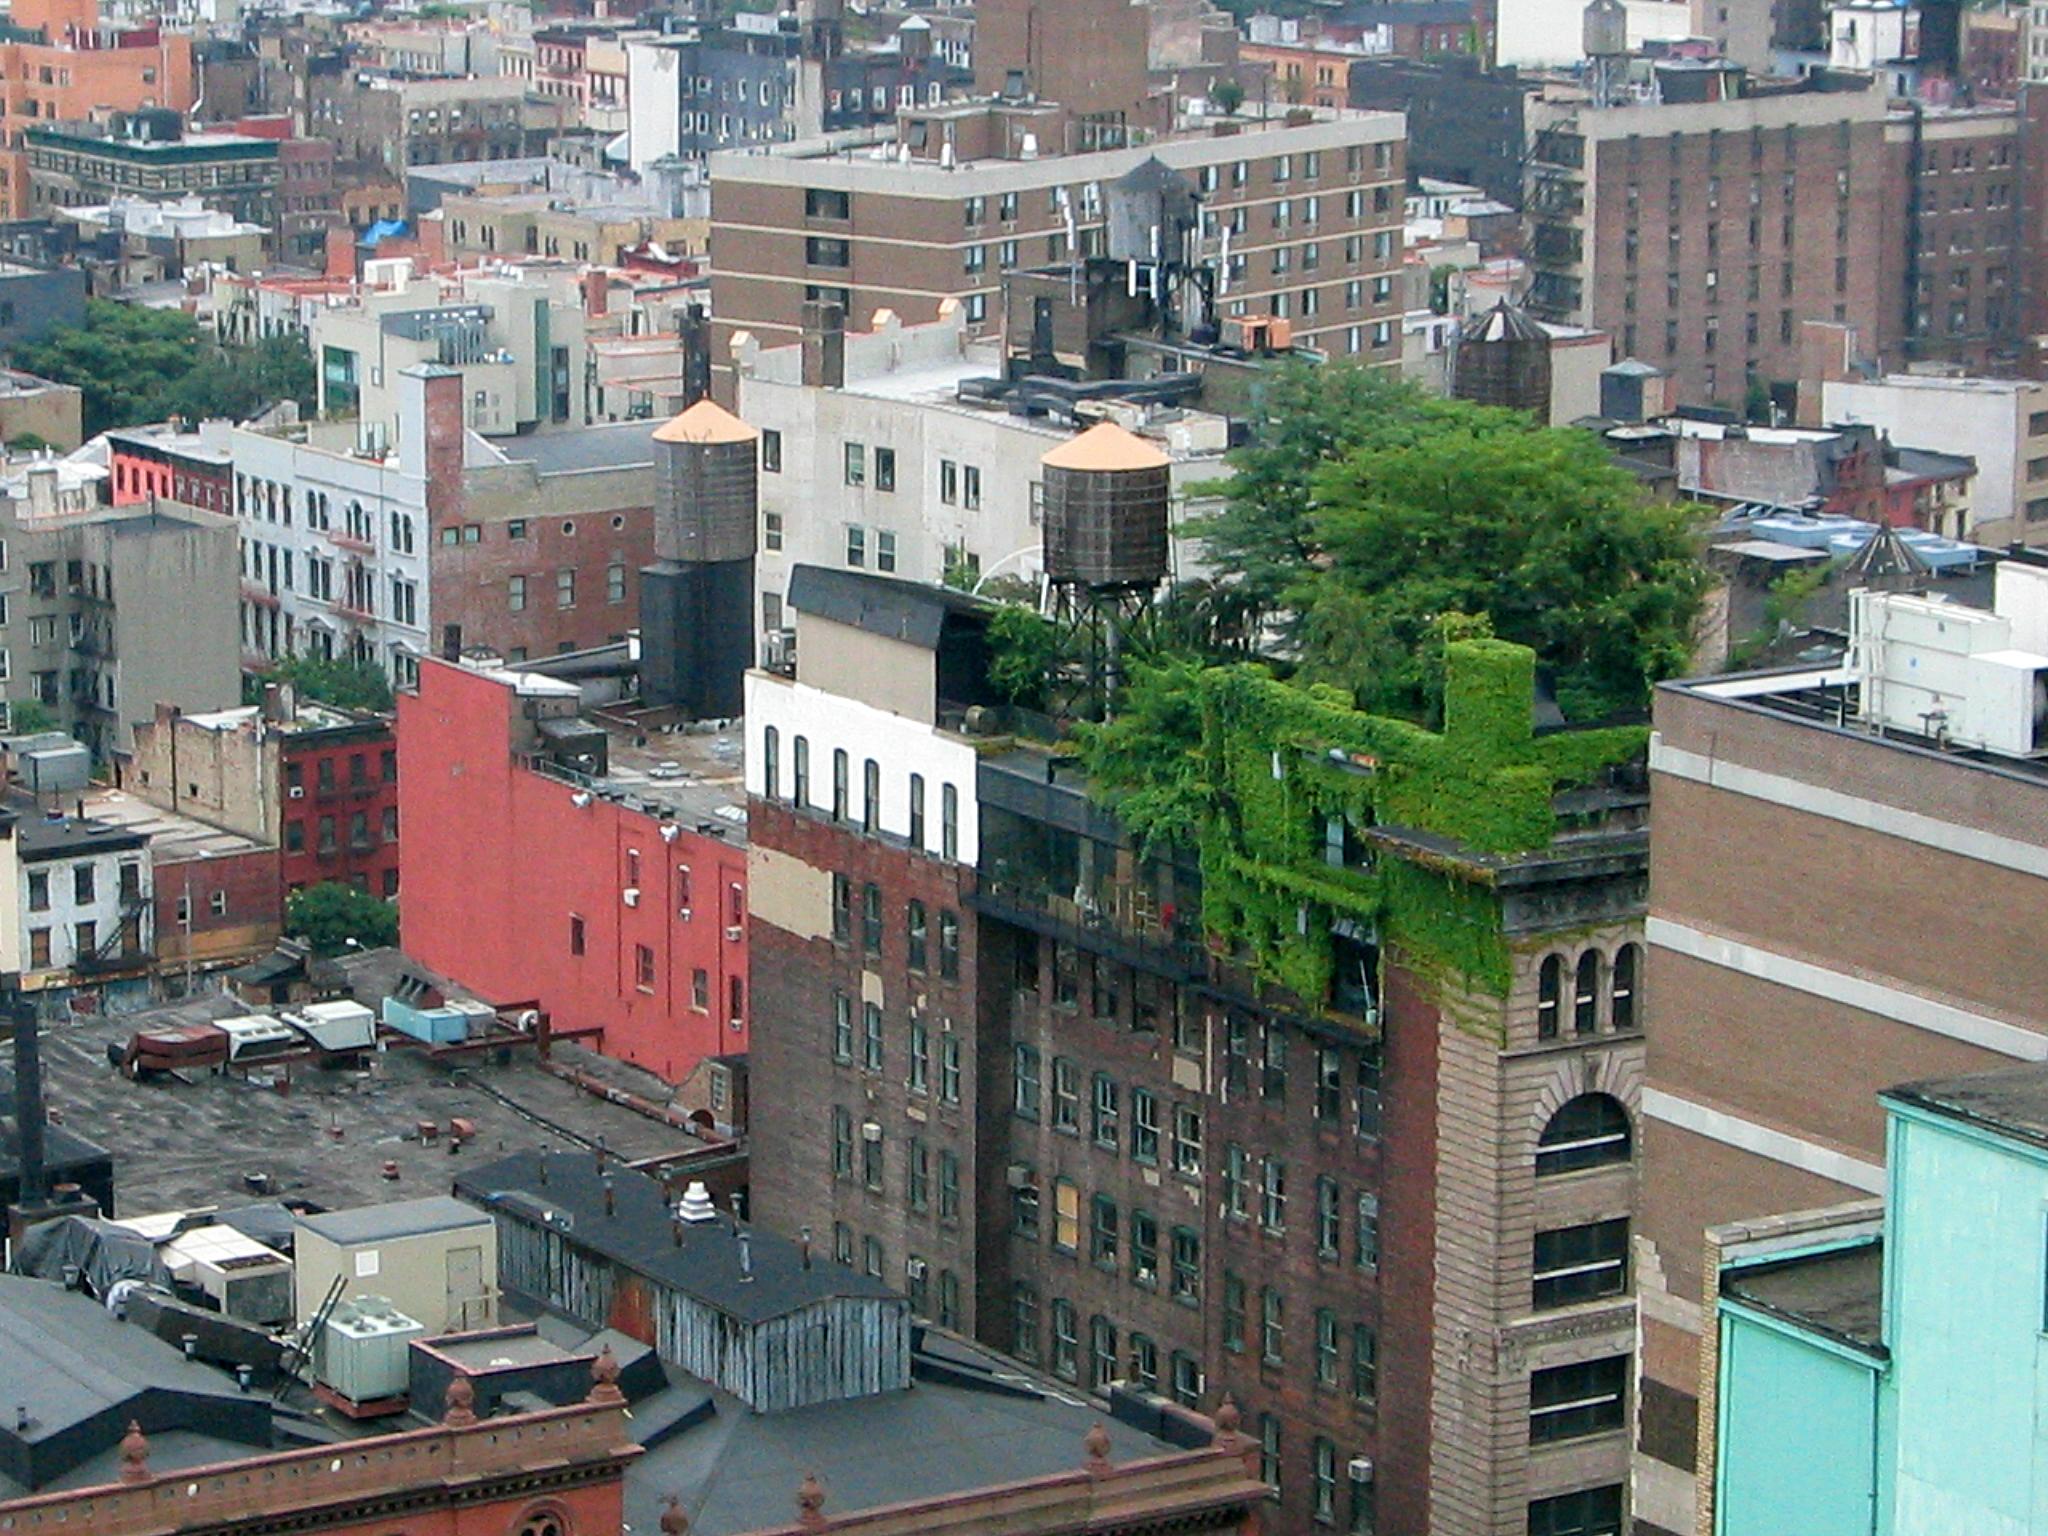 Un impresionante jardín en el tejado en Nueva York